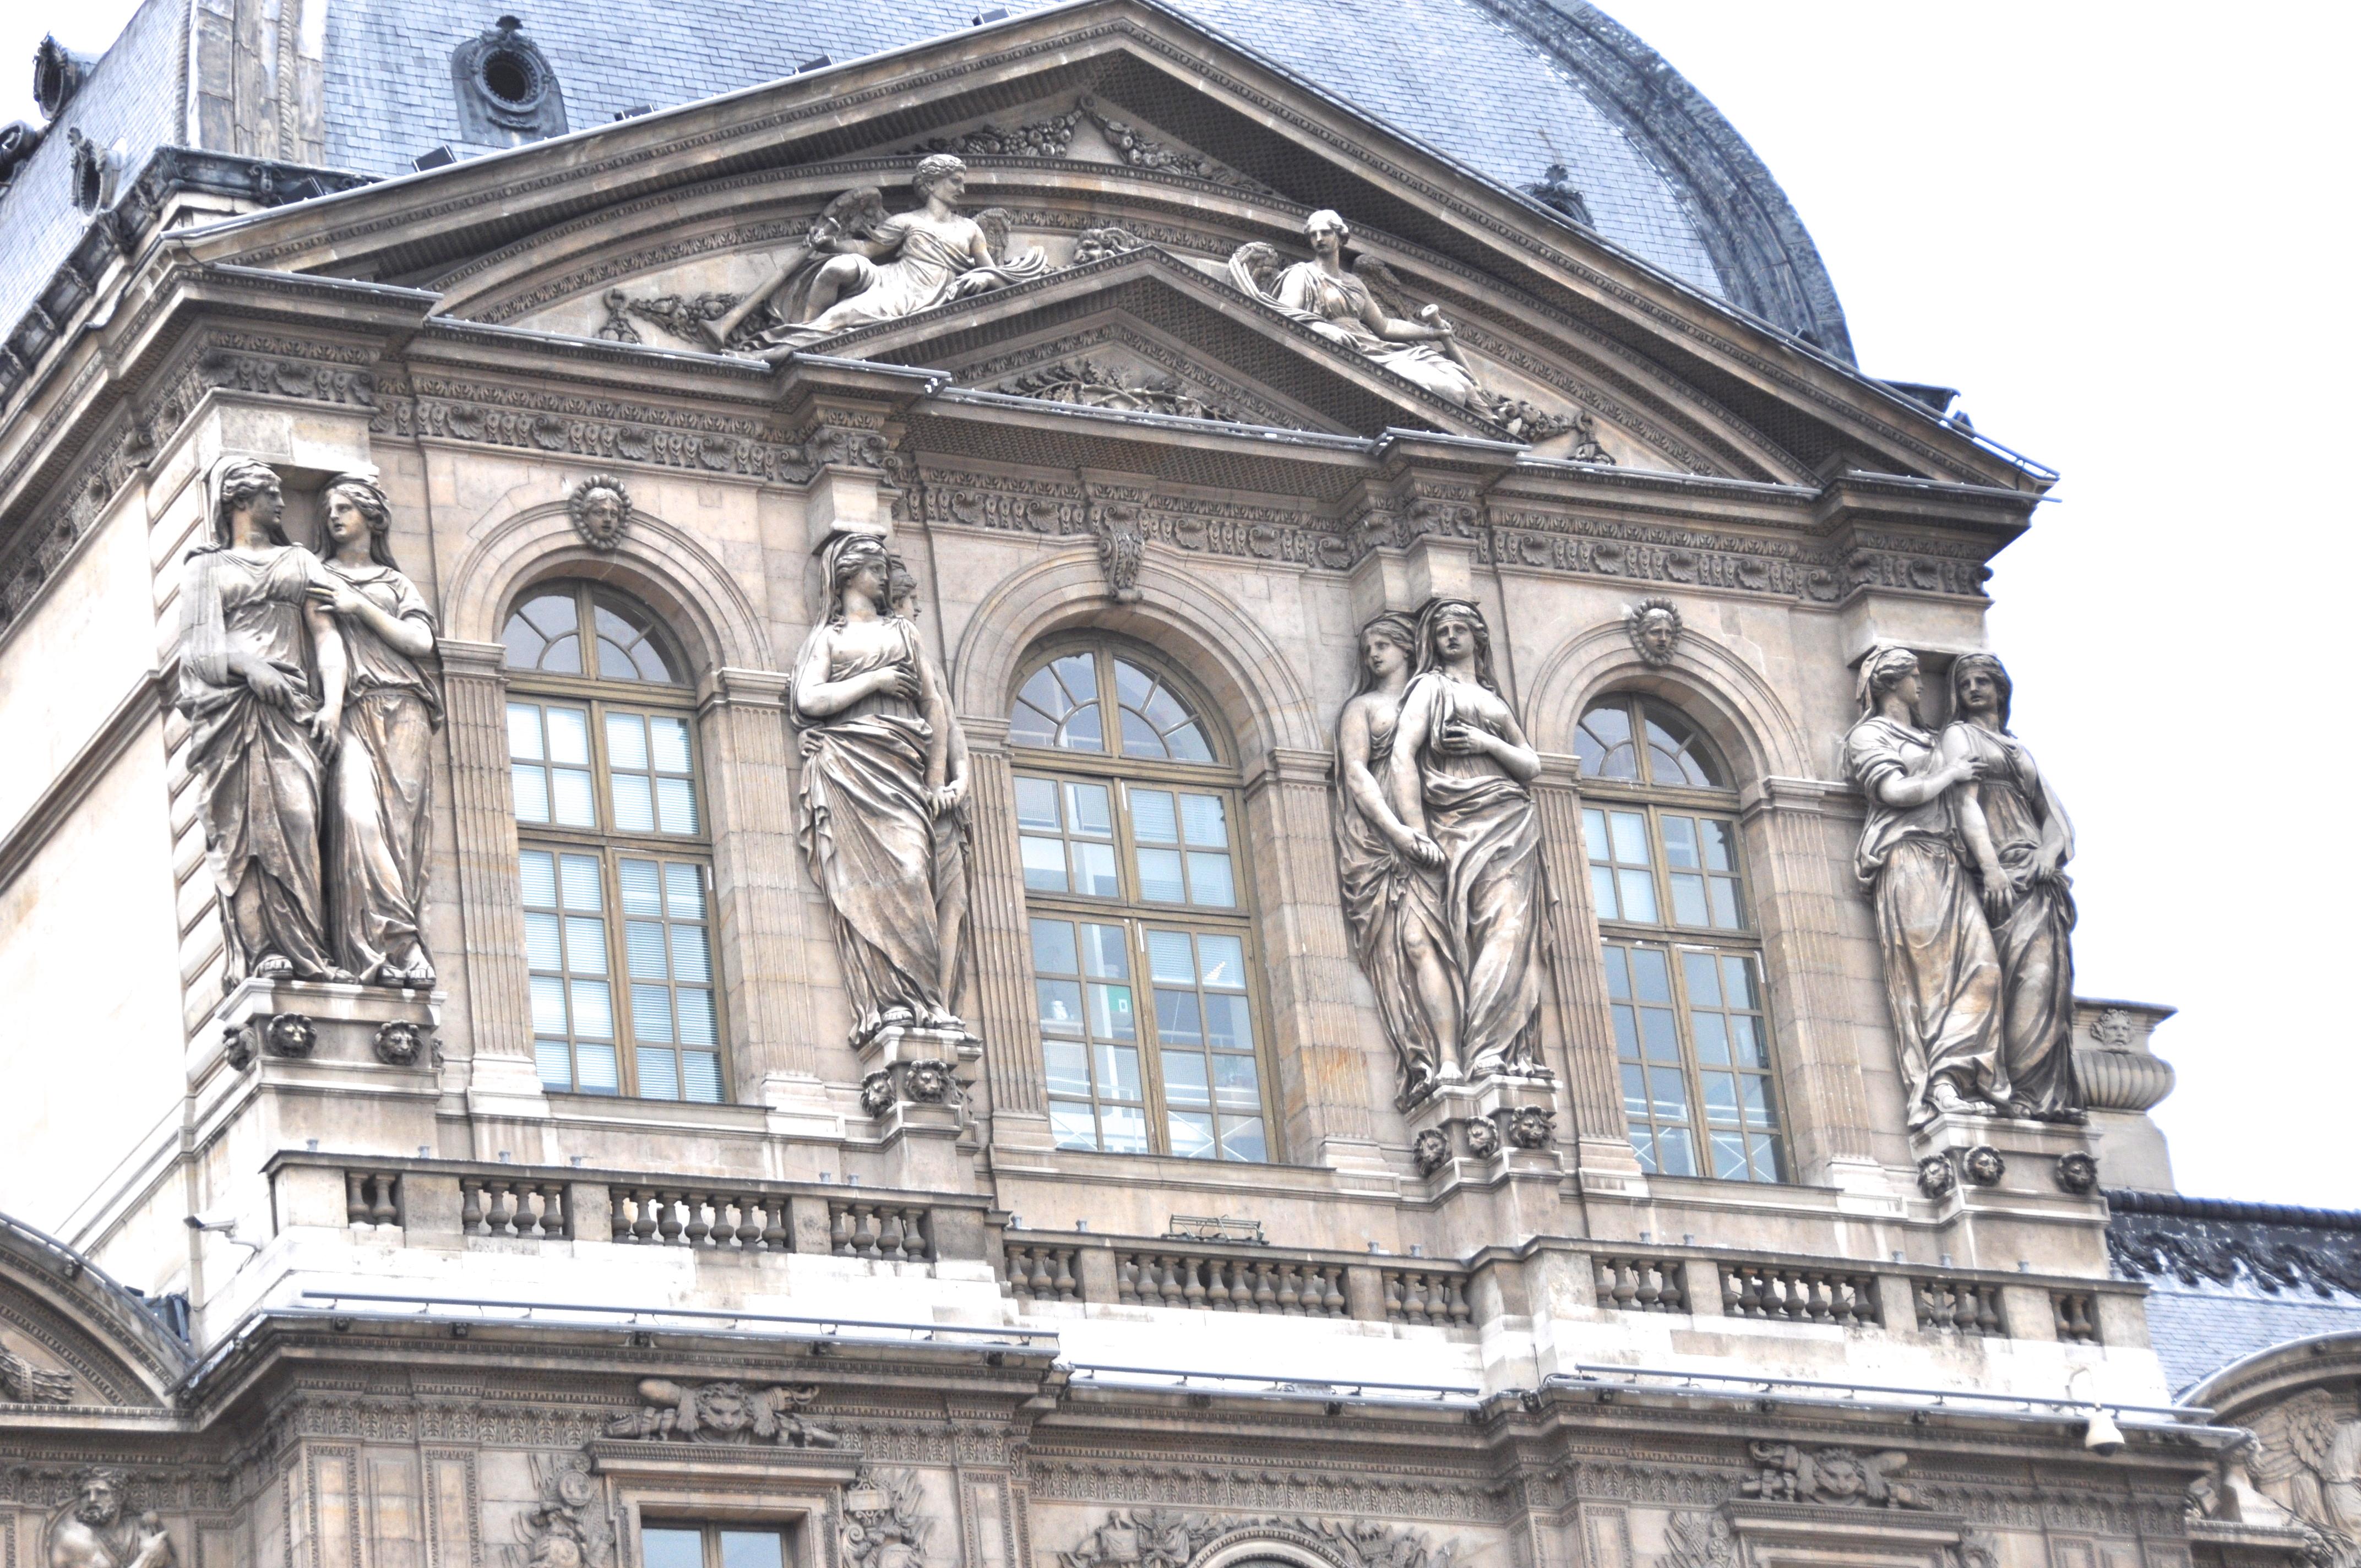 Cariatides de Jacques Sarrazin, Pavillon de l'horloge ou Pavillon Sully, Cour Carrée, Le Louvre, Paris